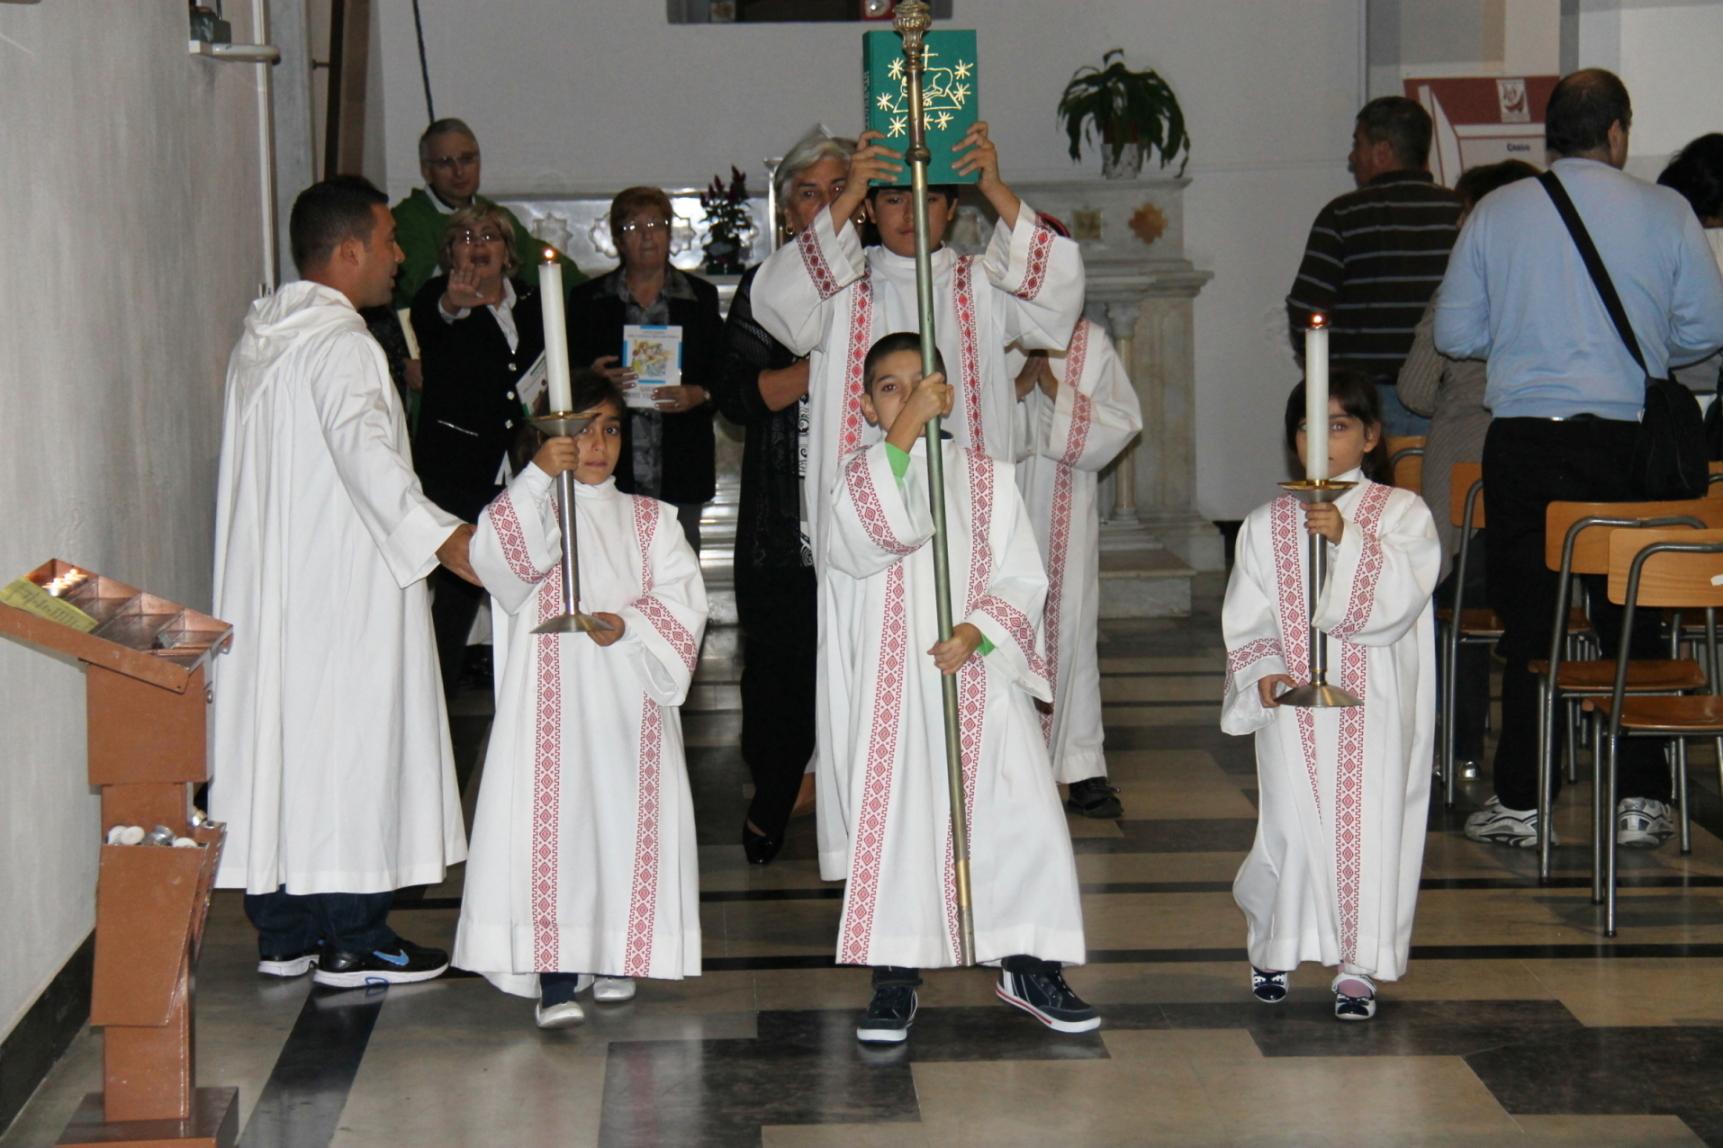 inaugurazione_anno_catechistico_e_anno_della_fede_2012-10-07-11-02-21